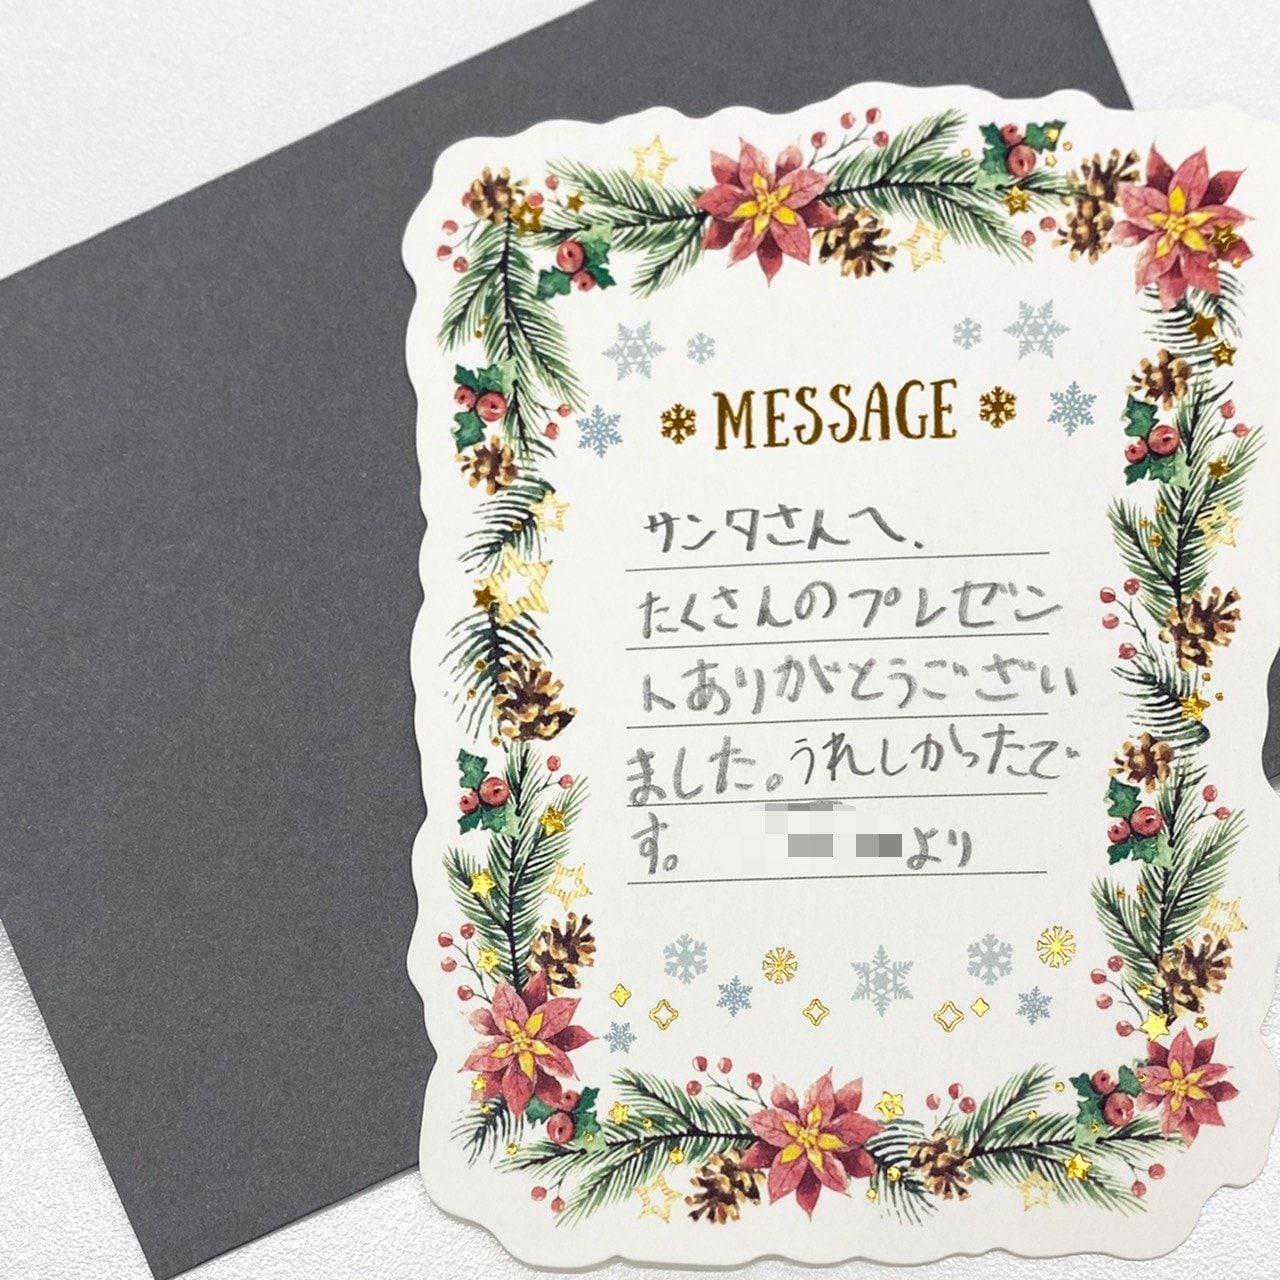 【プレゼント企画】ロードカーイベント【社会貢献】